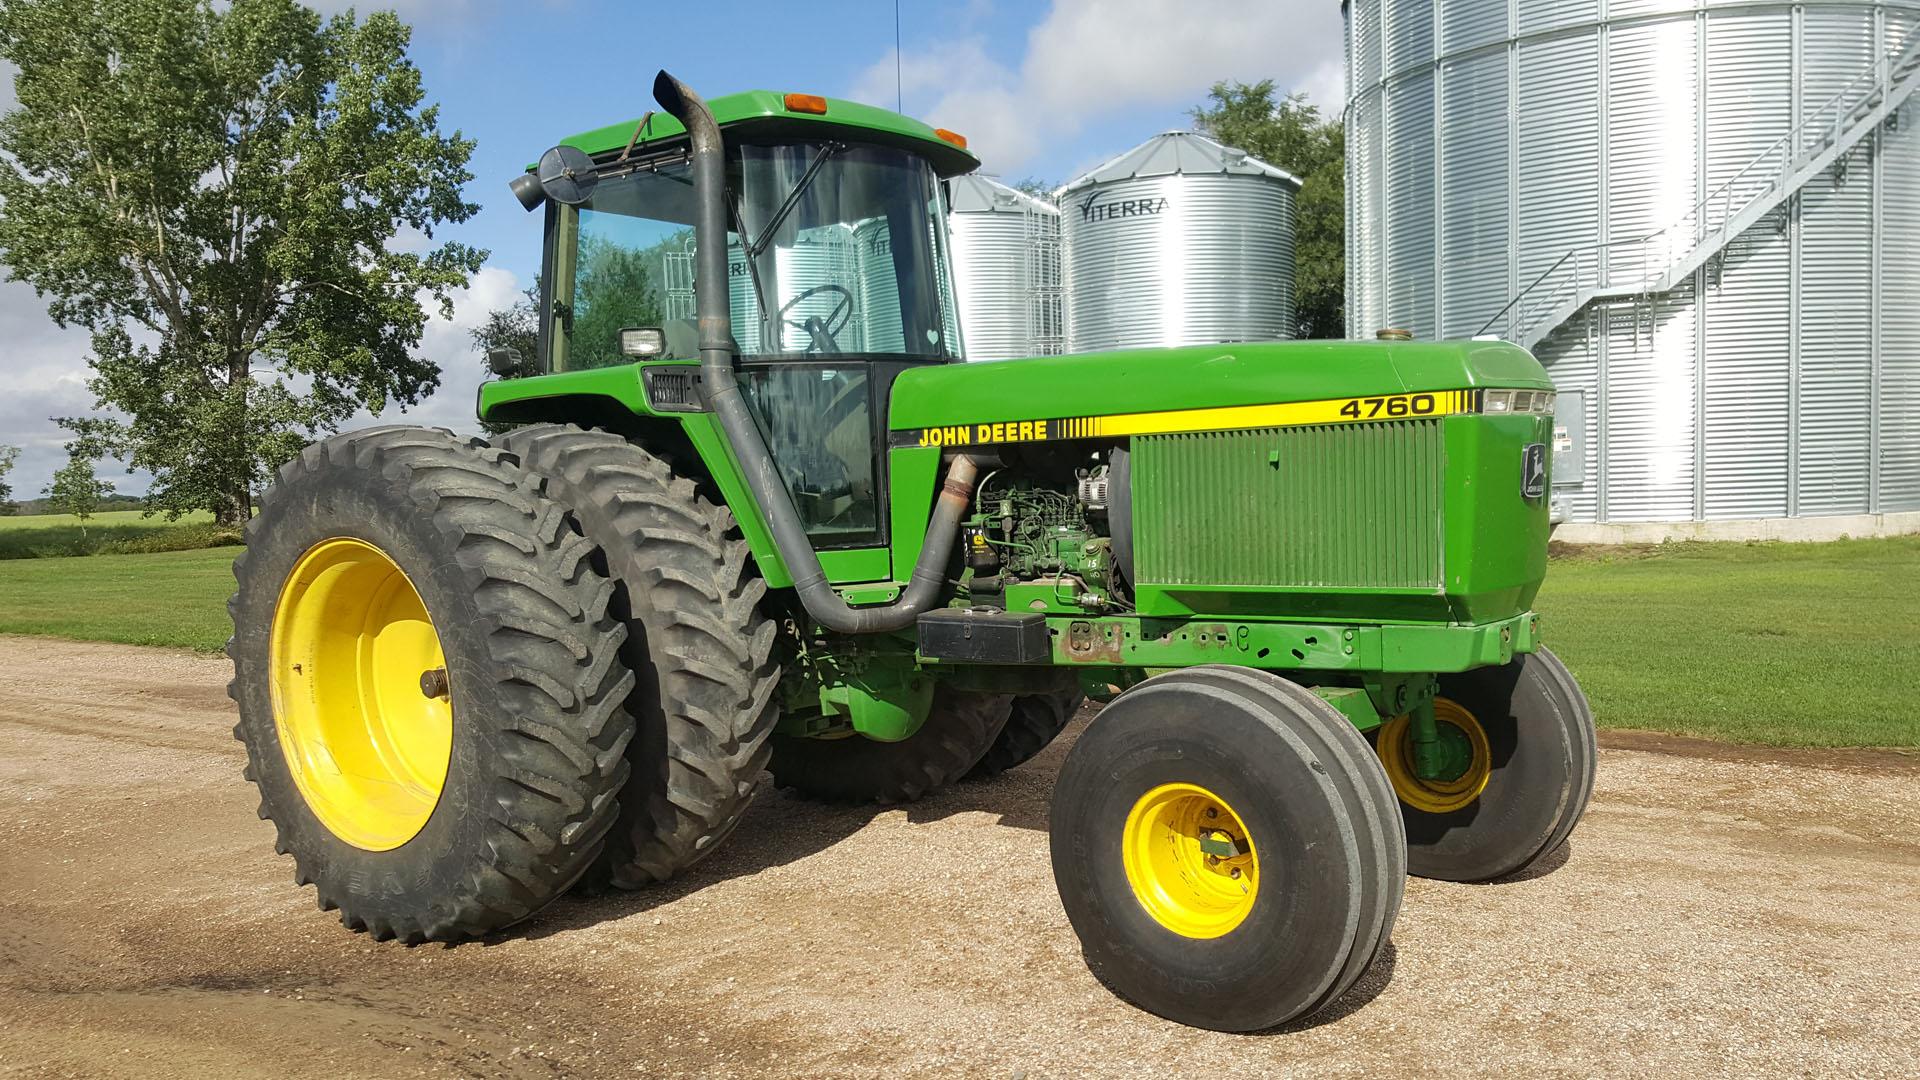 Hilltop Hideaway - John Deere 4760 Tractor